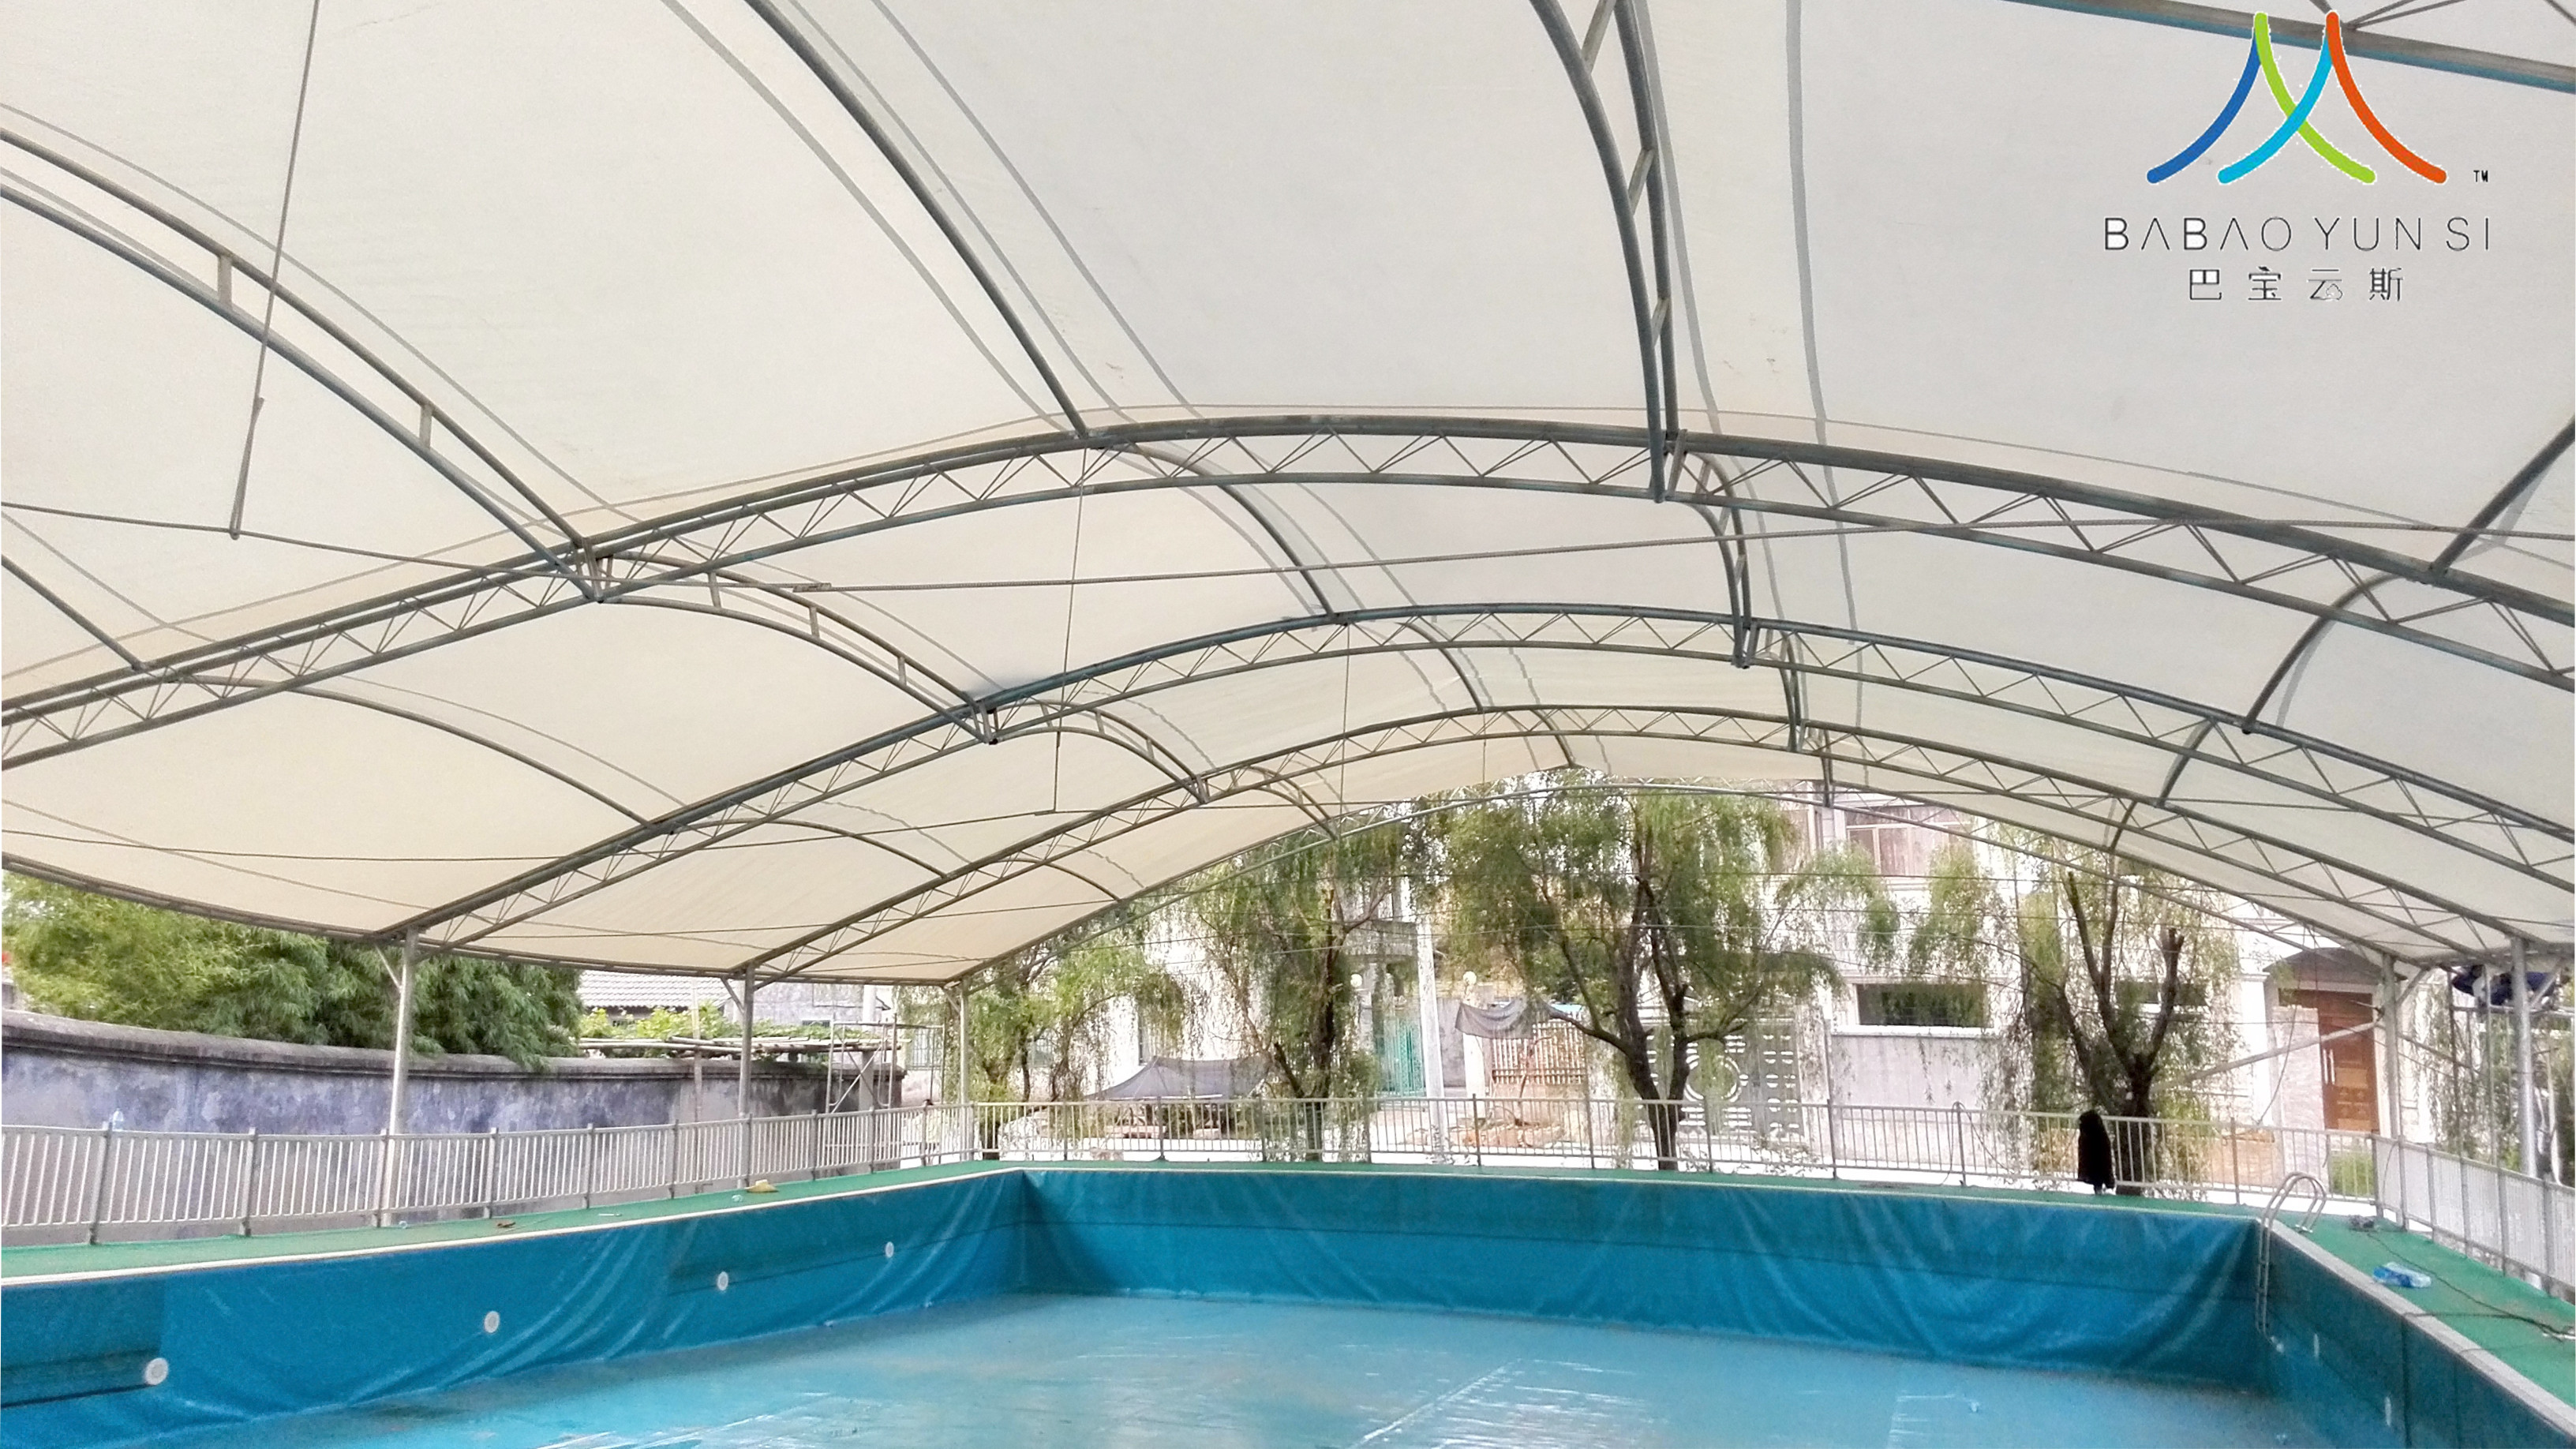 刀刮布防水布遮阳棚建筑膜材环保透明pvc游泳池沼气池膜材加工